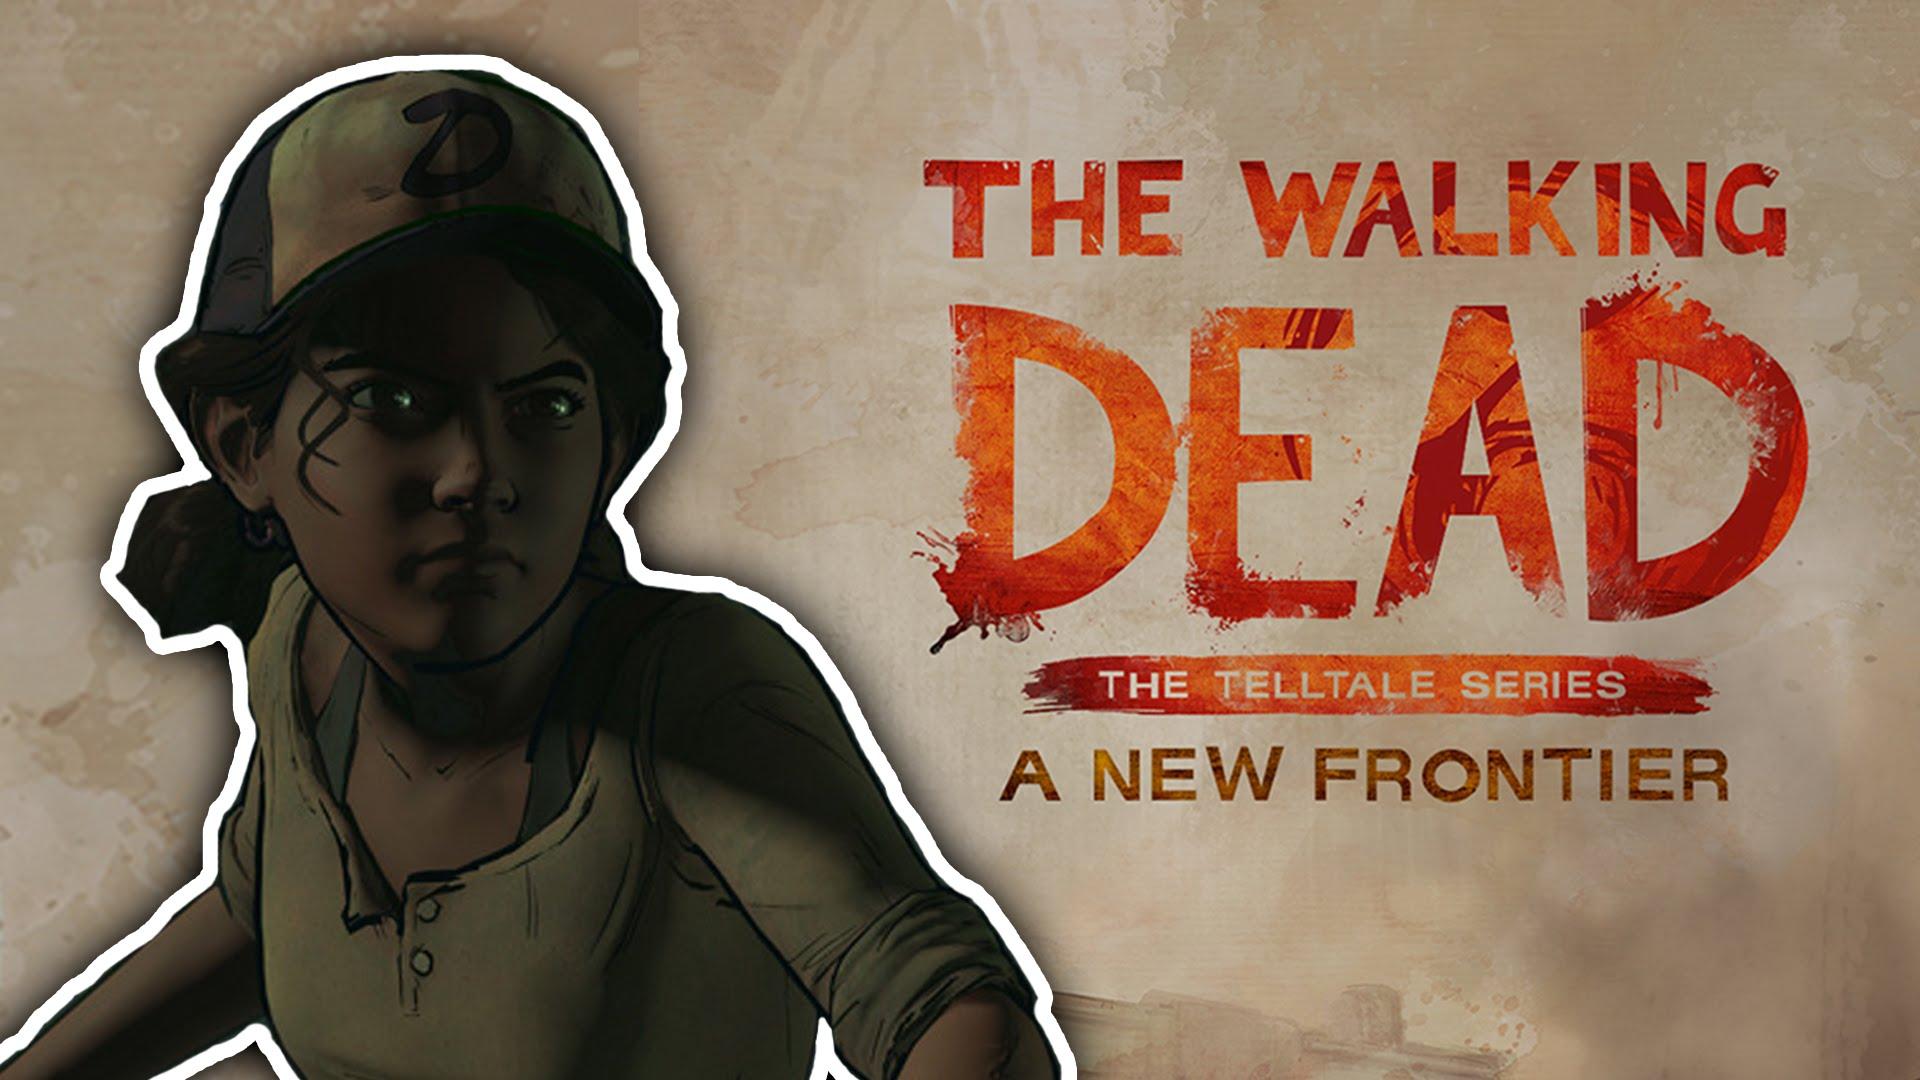 walking dead season 2 episode 1 download